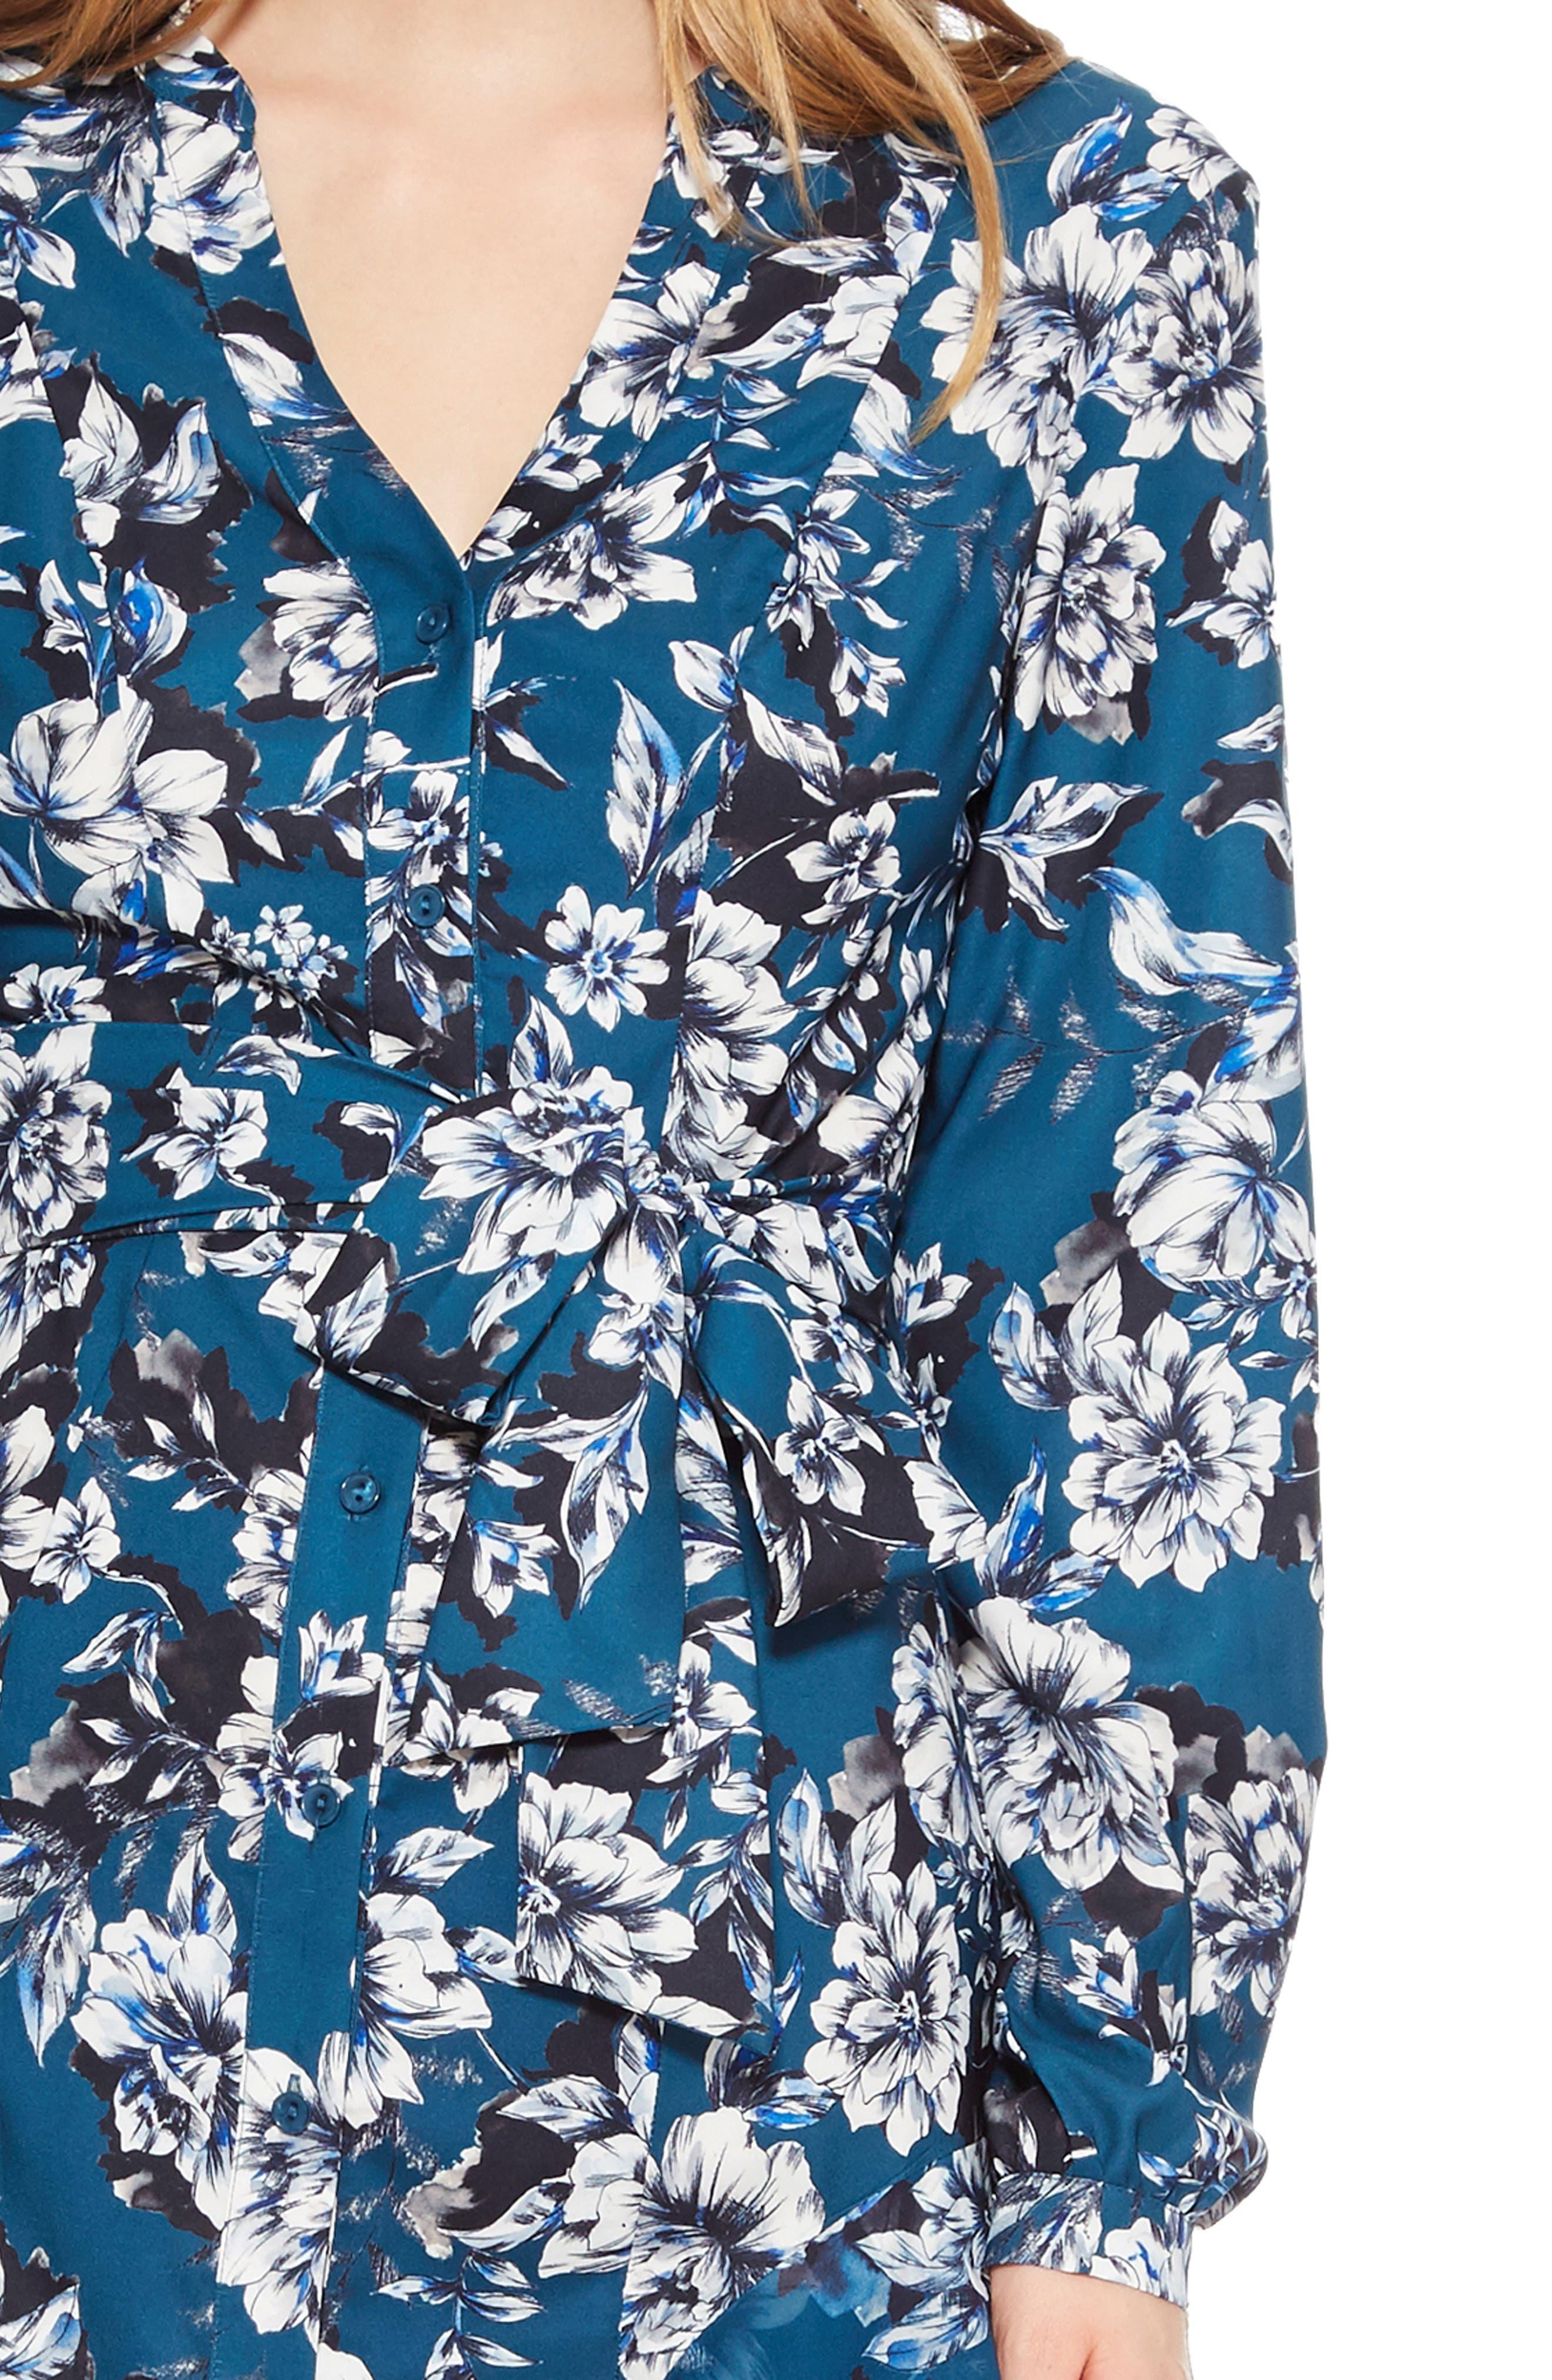 Estella Asymmetrical Floral Shirtdress,                             Alternate thumbnail 4, color,                             EVERGLADE GARDENS